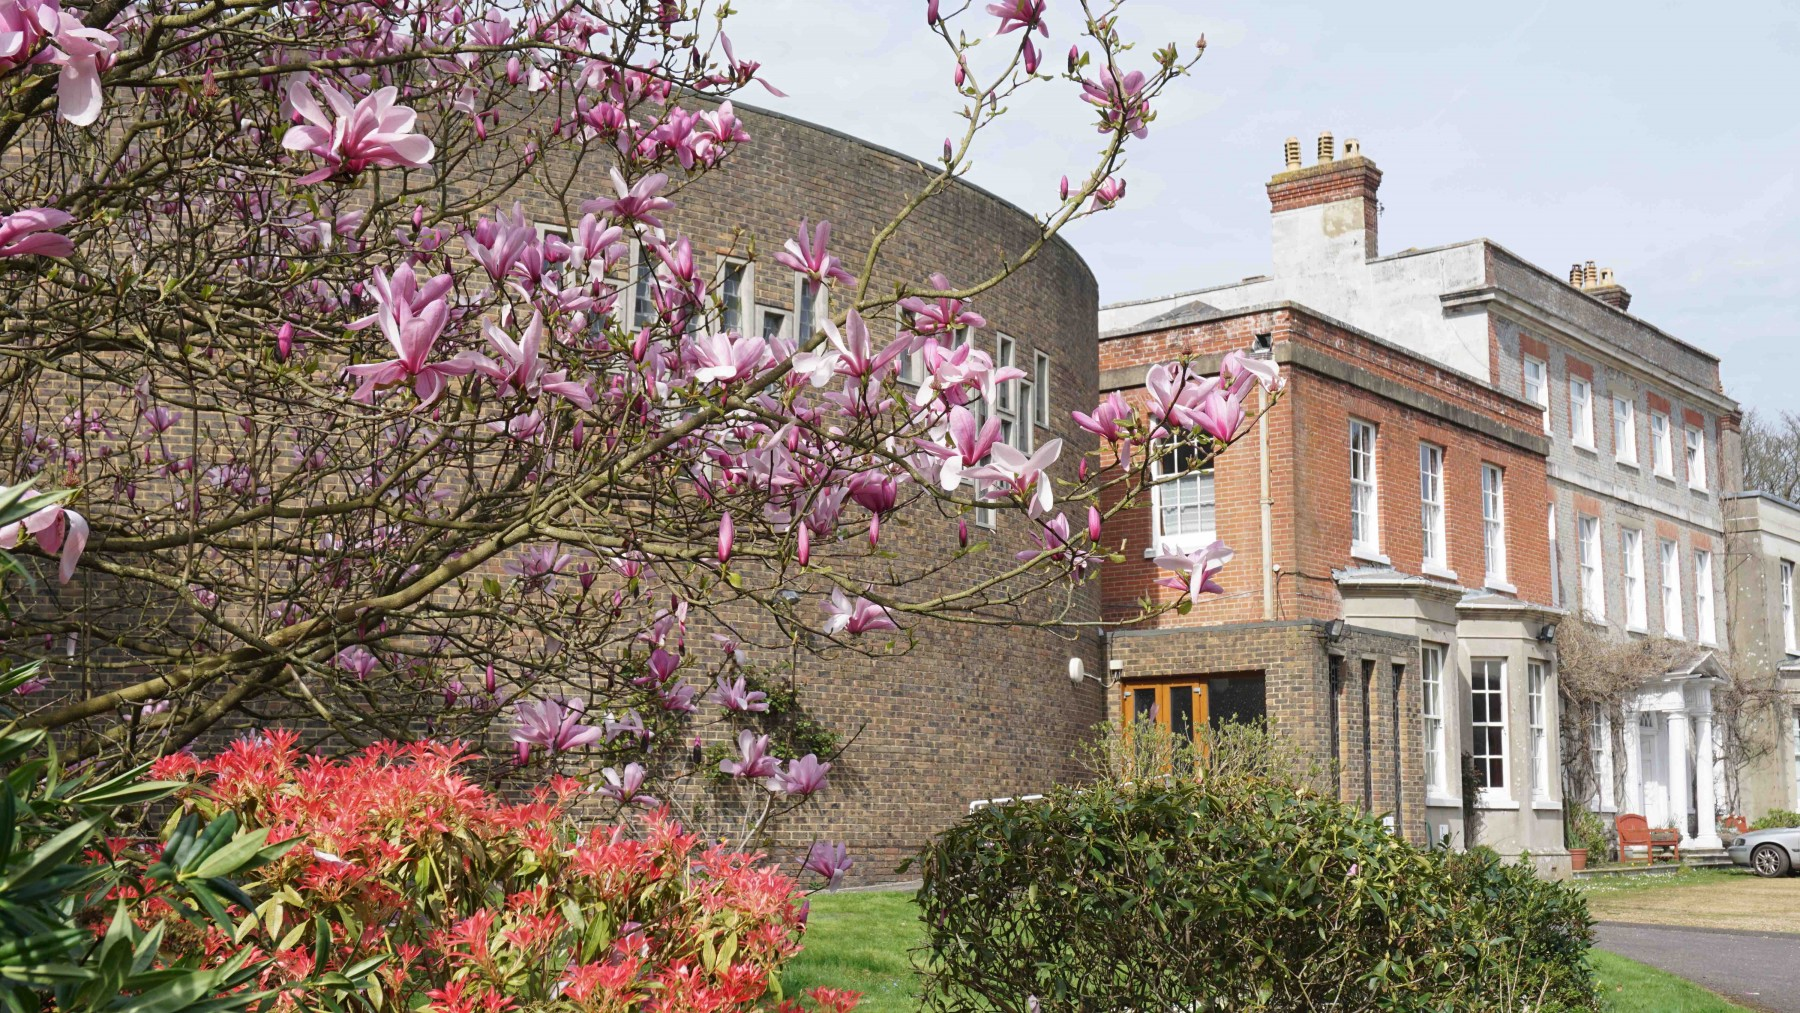 Park Place, Wickham, Hampshire